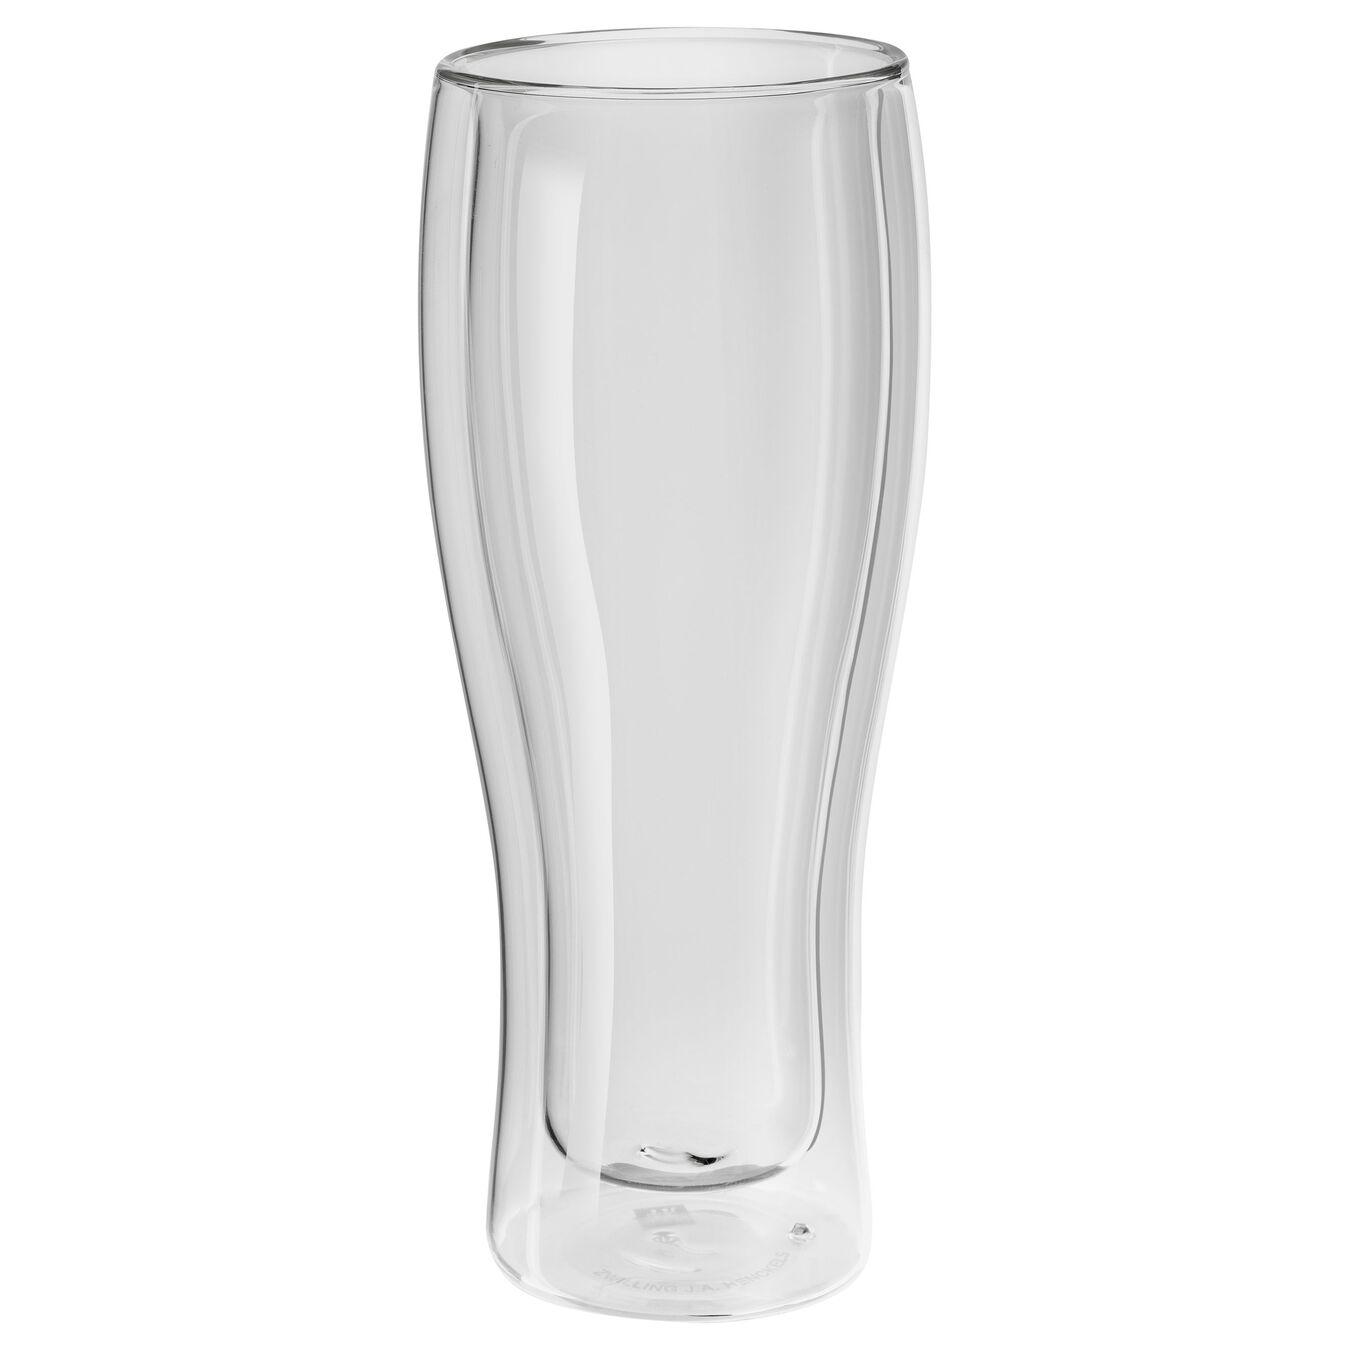 2-pcs Service de verres à bière,,large 1